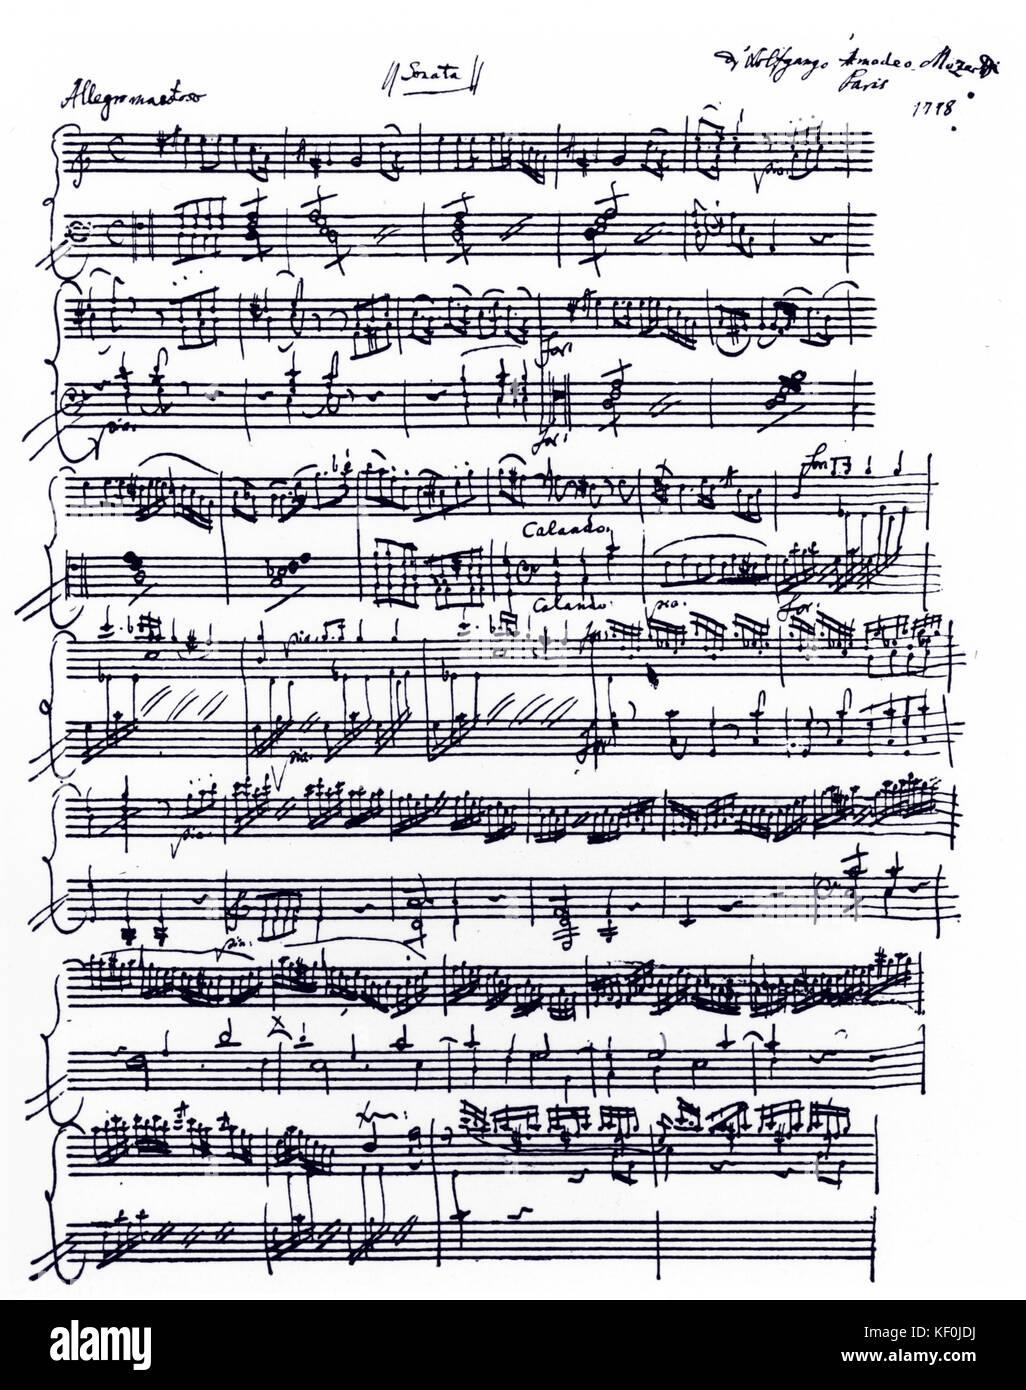 Wolfgang Amadeus Mozart - Piano Sonate in A-Moll, KV 310 autographe  Partitur, Paris, 1778. Eröffnung der ersten Bewegung. Österreichischen  Komponisten, 27. Januar 1756 - vom 5. Dezember 1791 Stockfotografie - Alamy